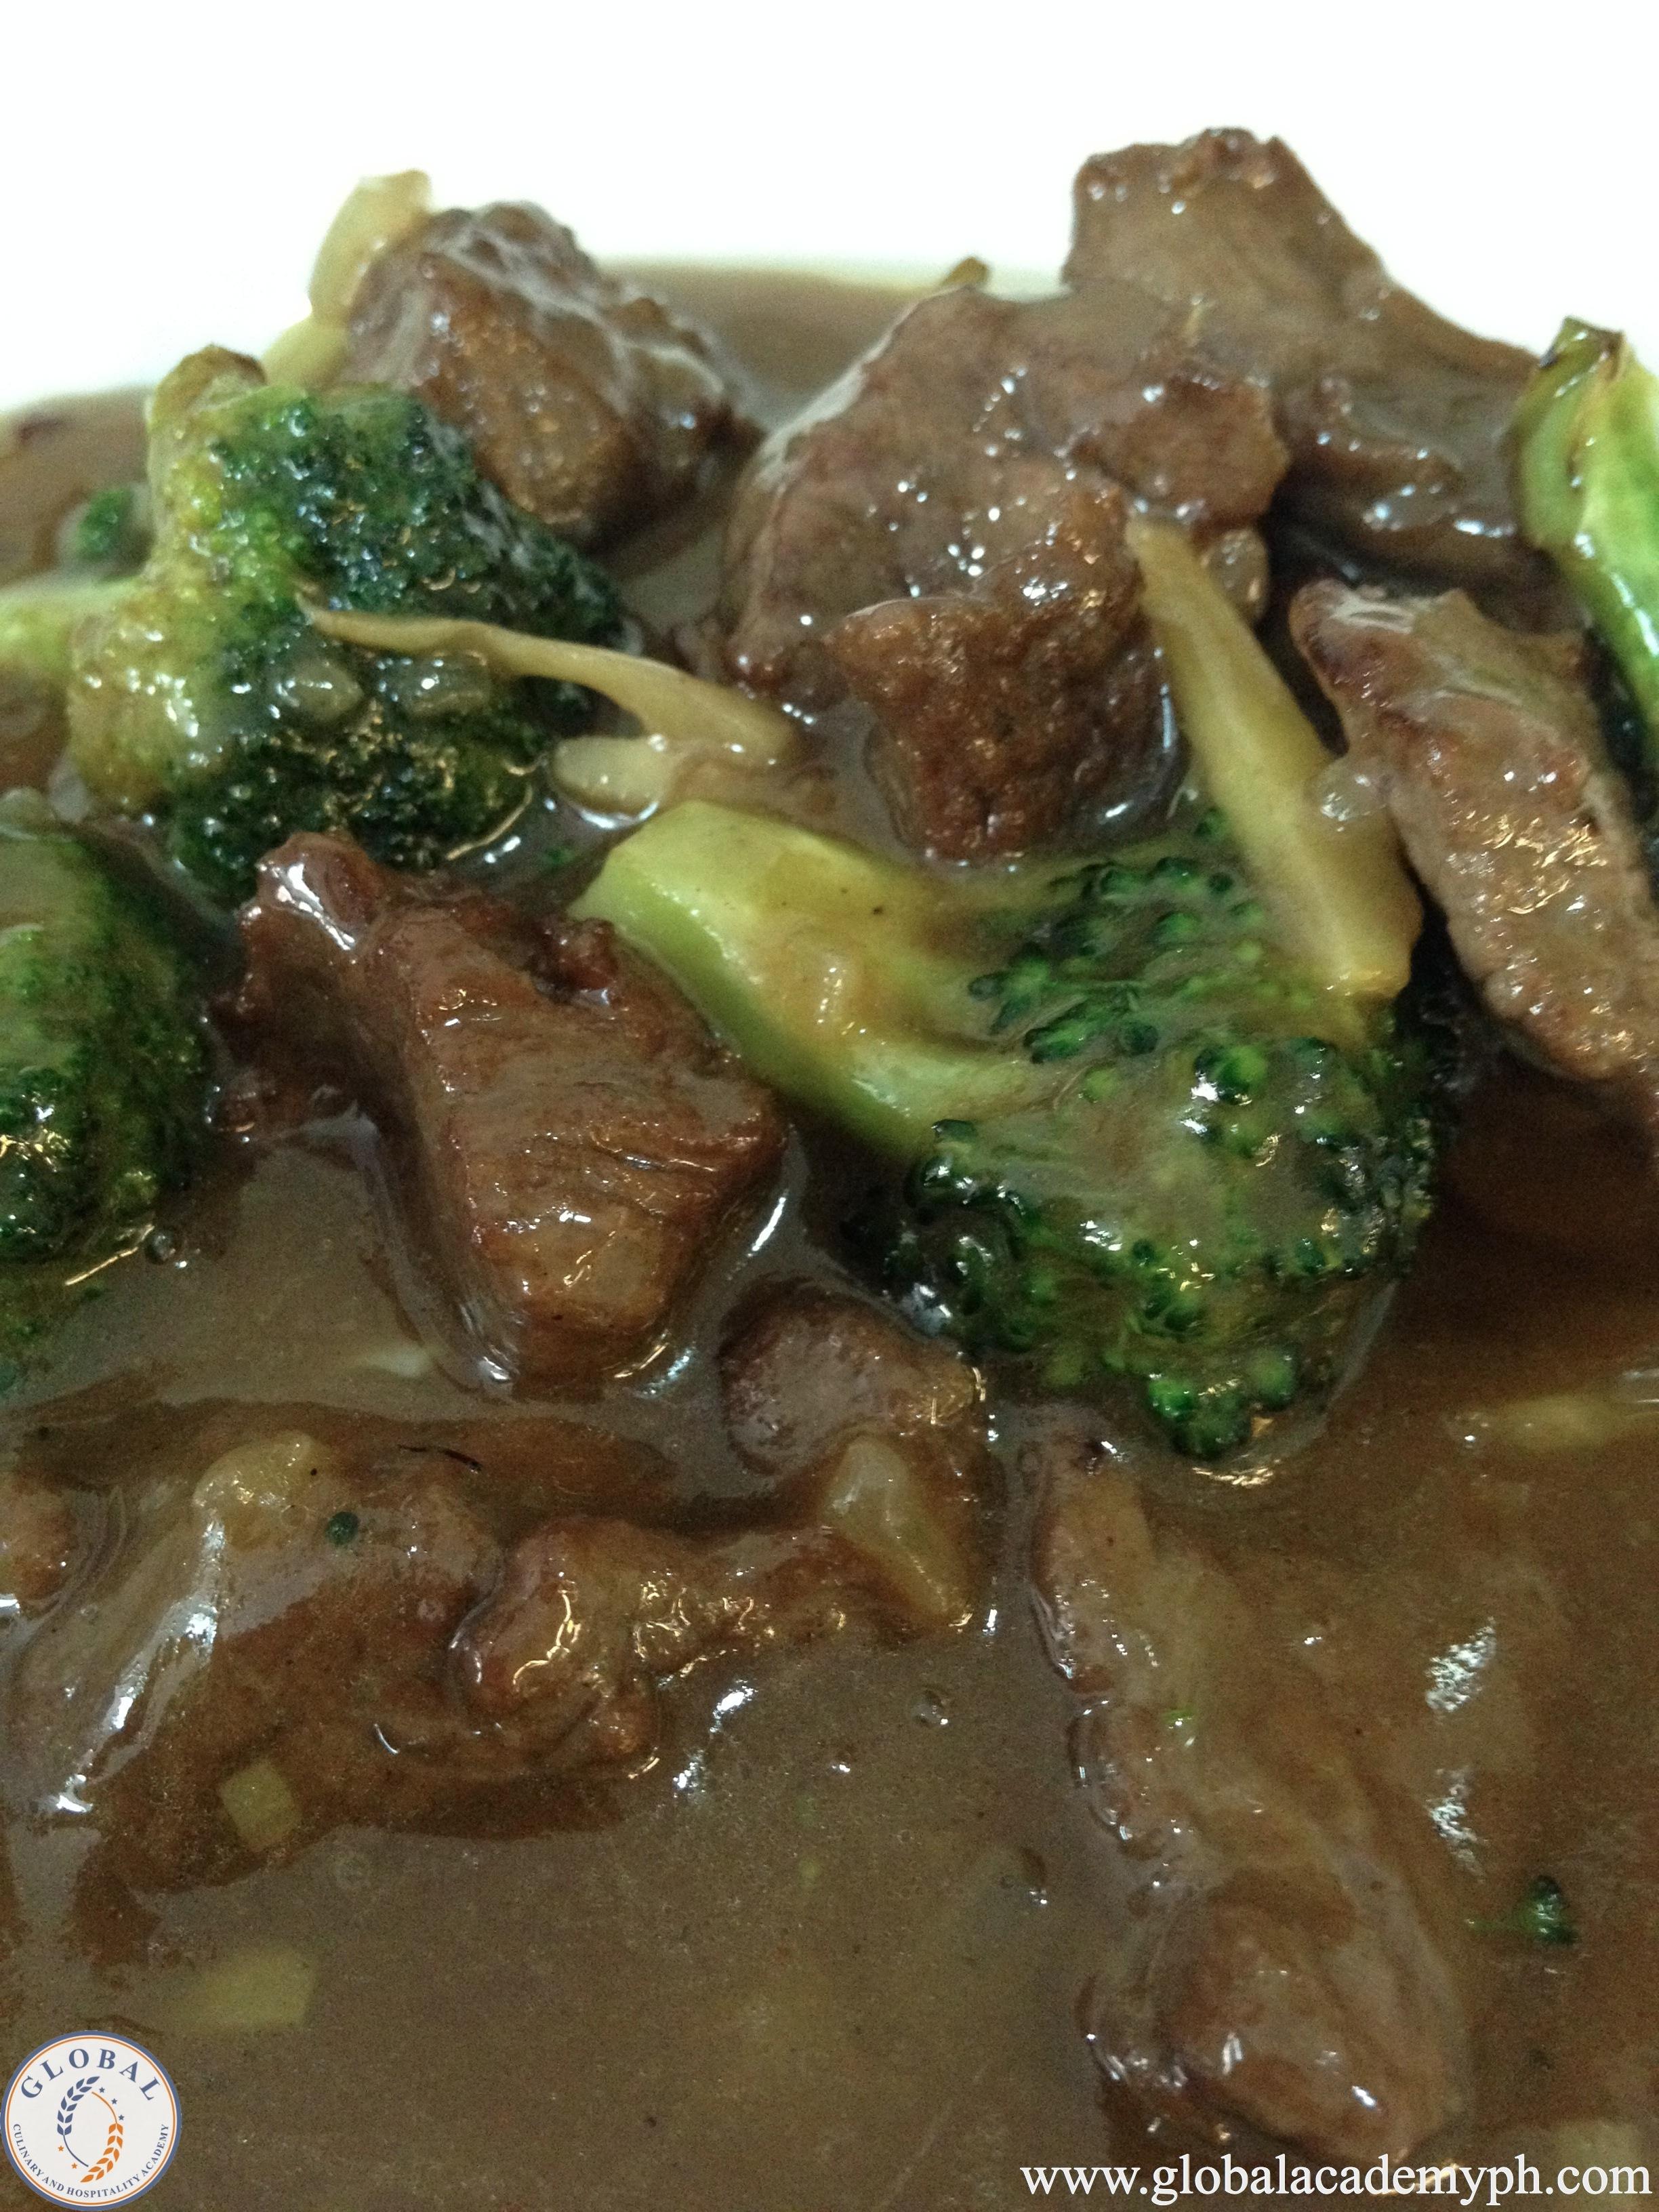 Chinese cuisine class photos abl globalacademy for Academy of oriental cuisine